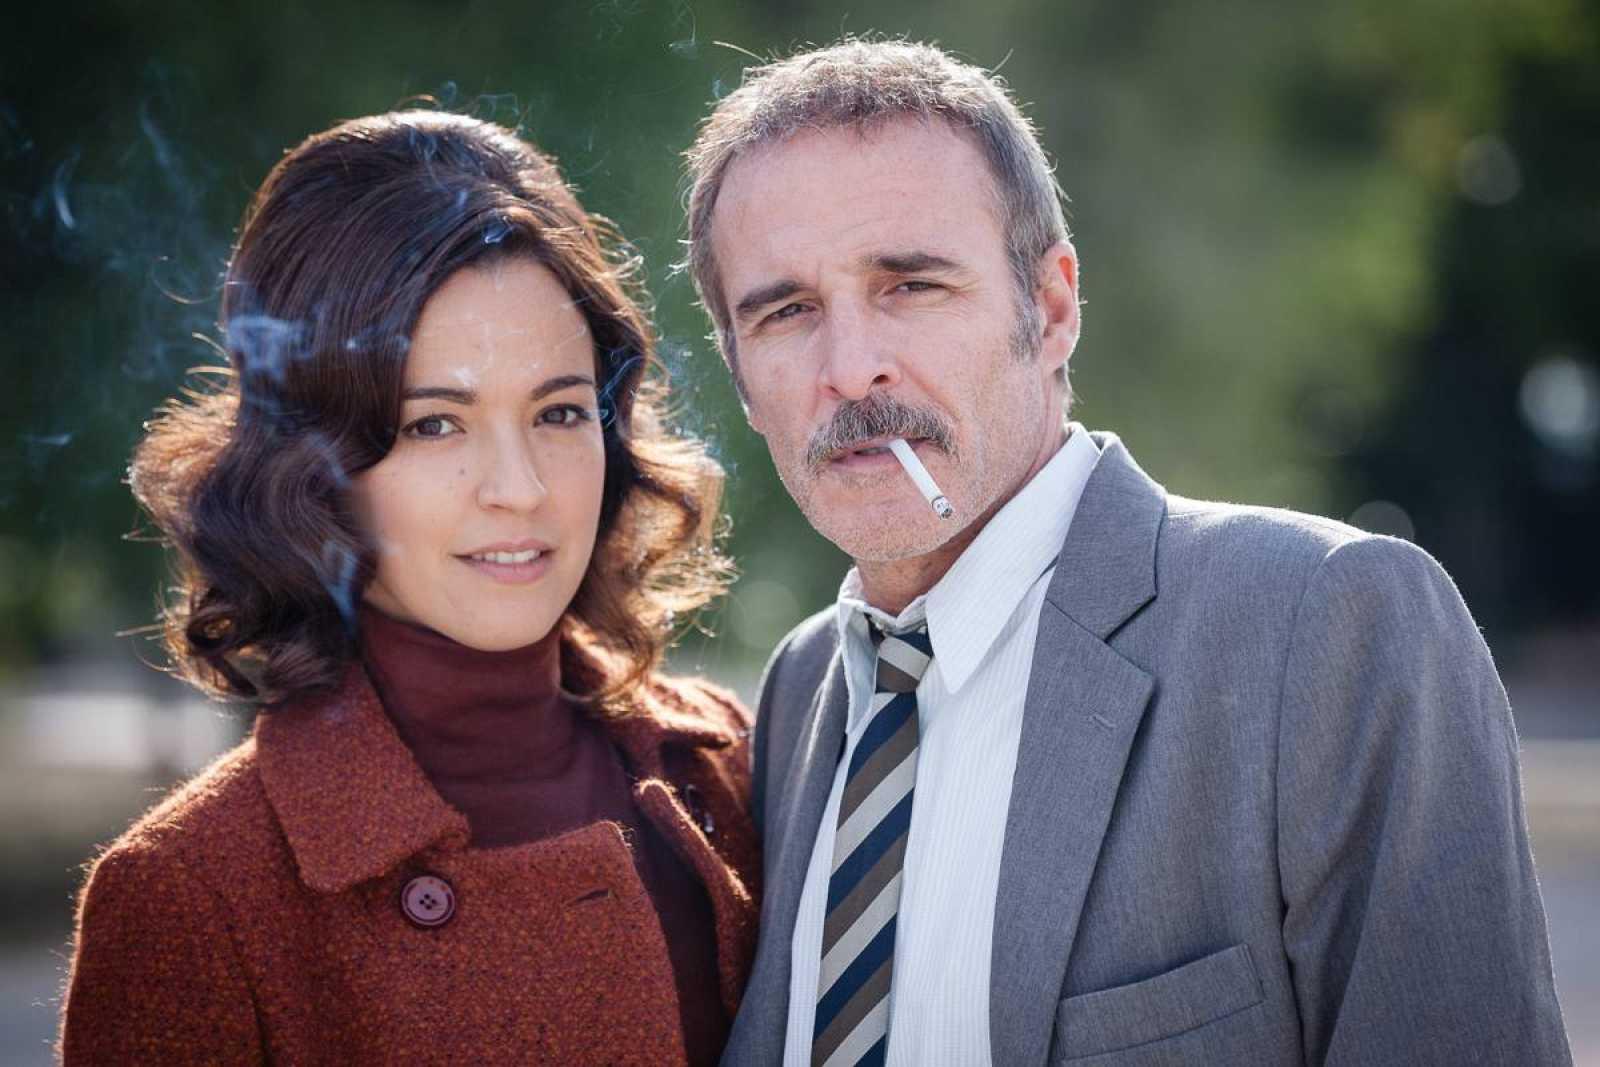 Verónica Sánchez y Fernando Guillén Cuervo protagonizan 'El Caso. Crónica de sucesos'